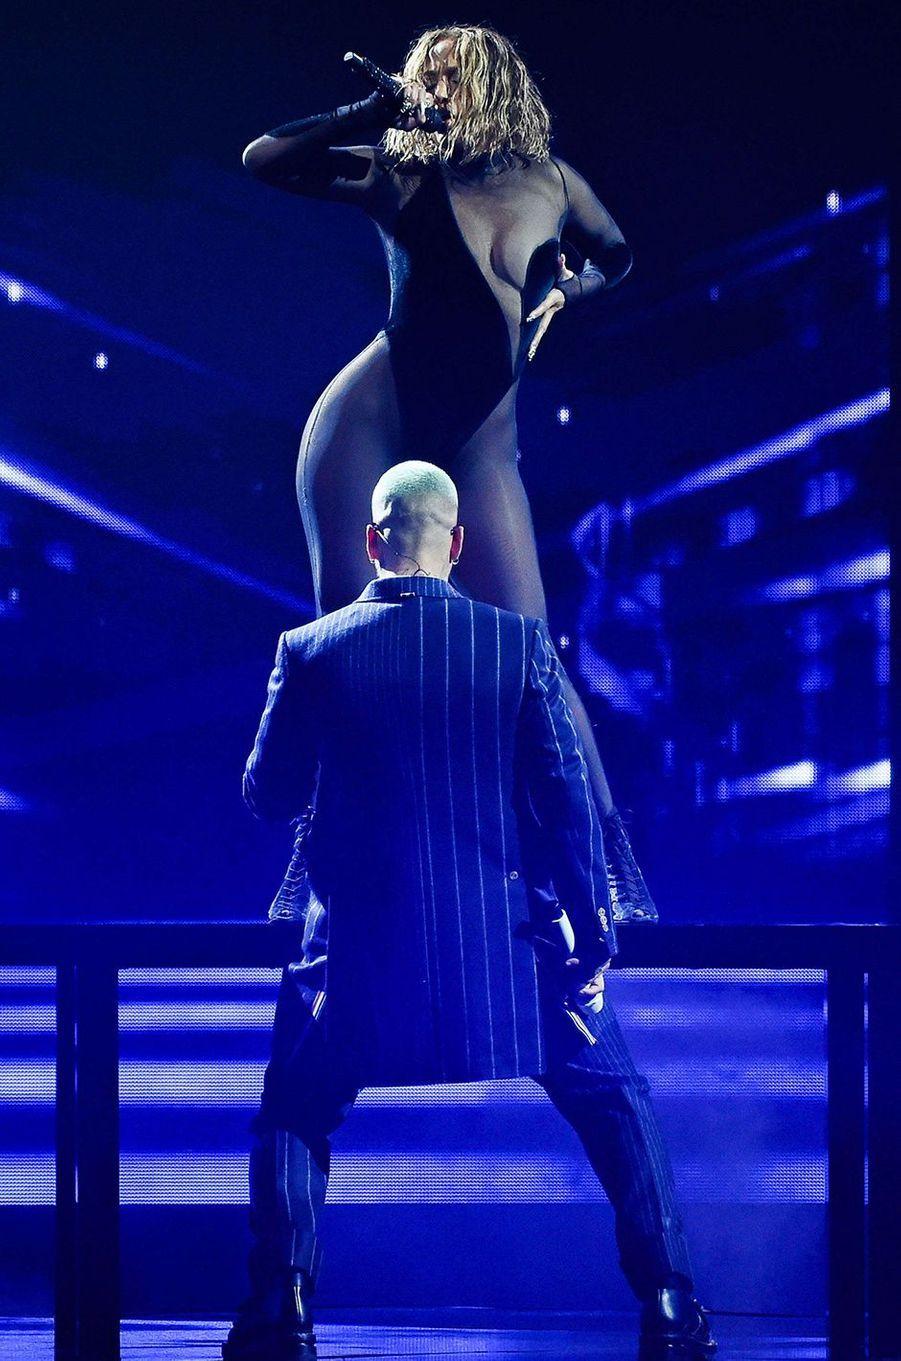 Maluma et Jennifer Lopezaux American Music Awards à Los Angeles le 22 novembre 2020